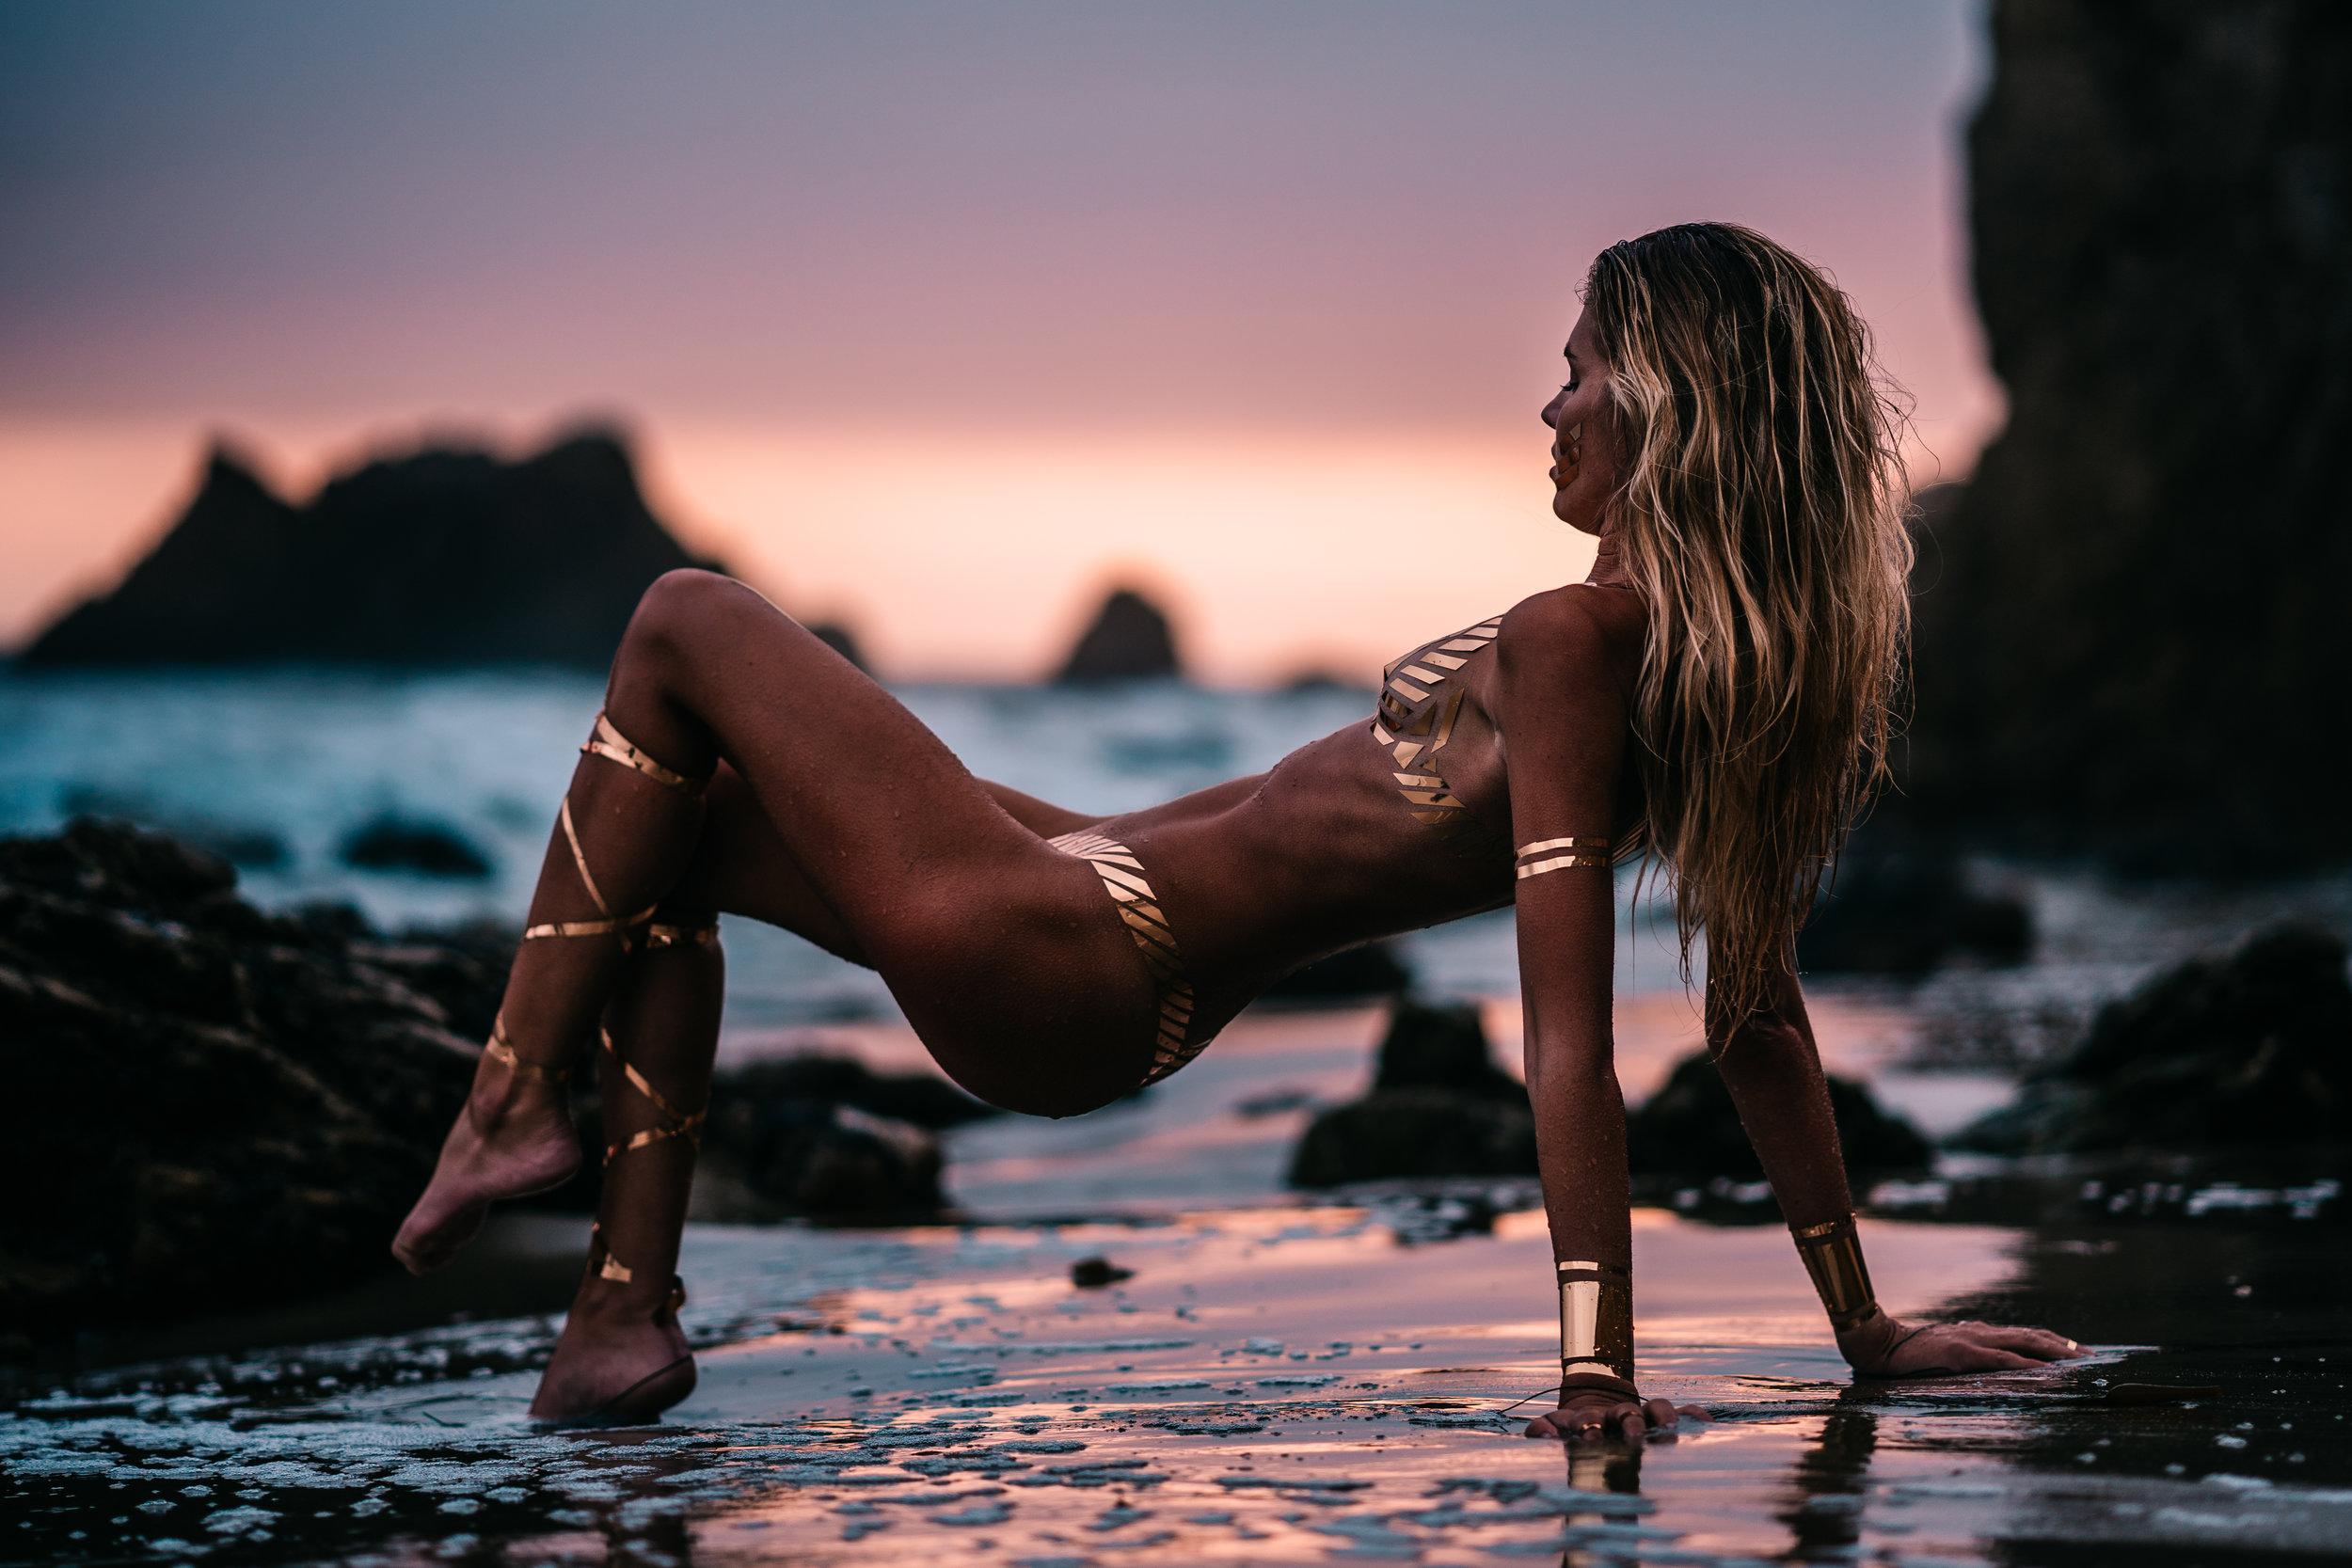 @morganketzner & @blacktapeProject  El Matador Beach - Malibu, CALIFORNI